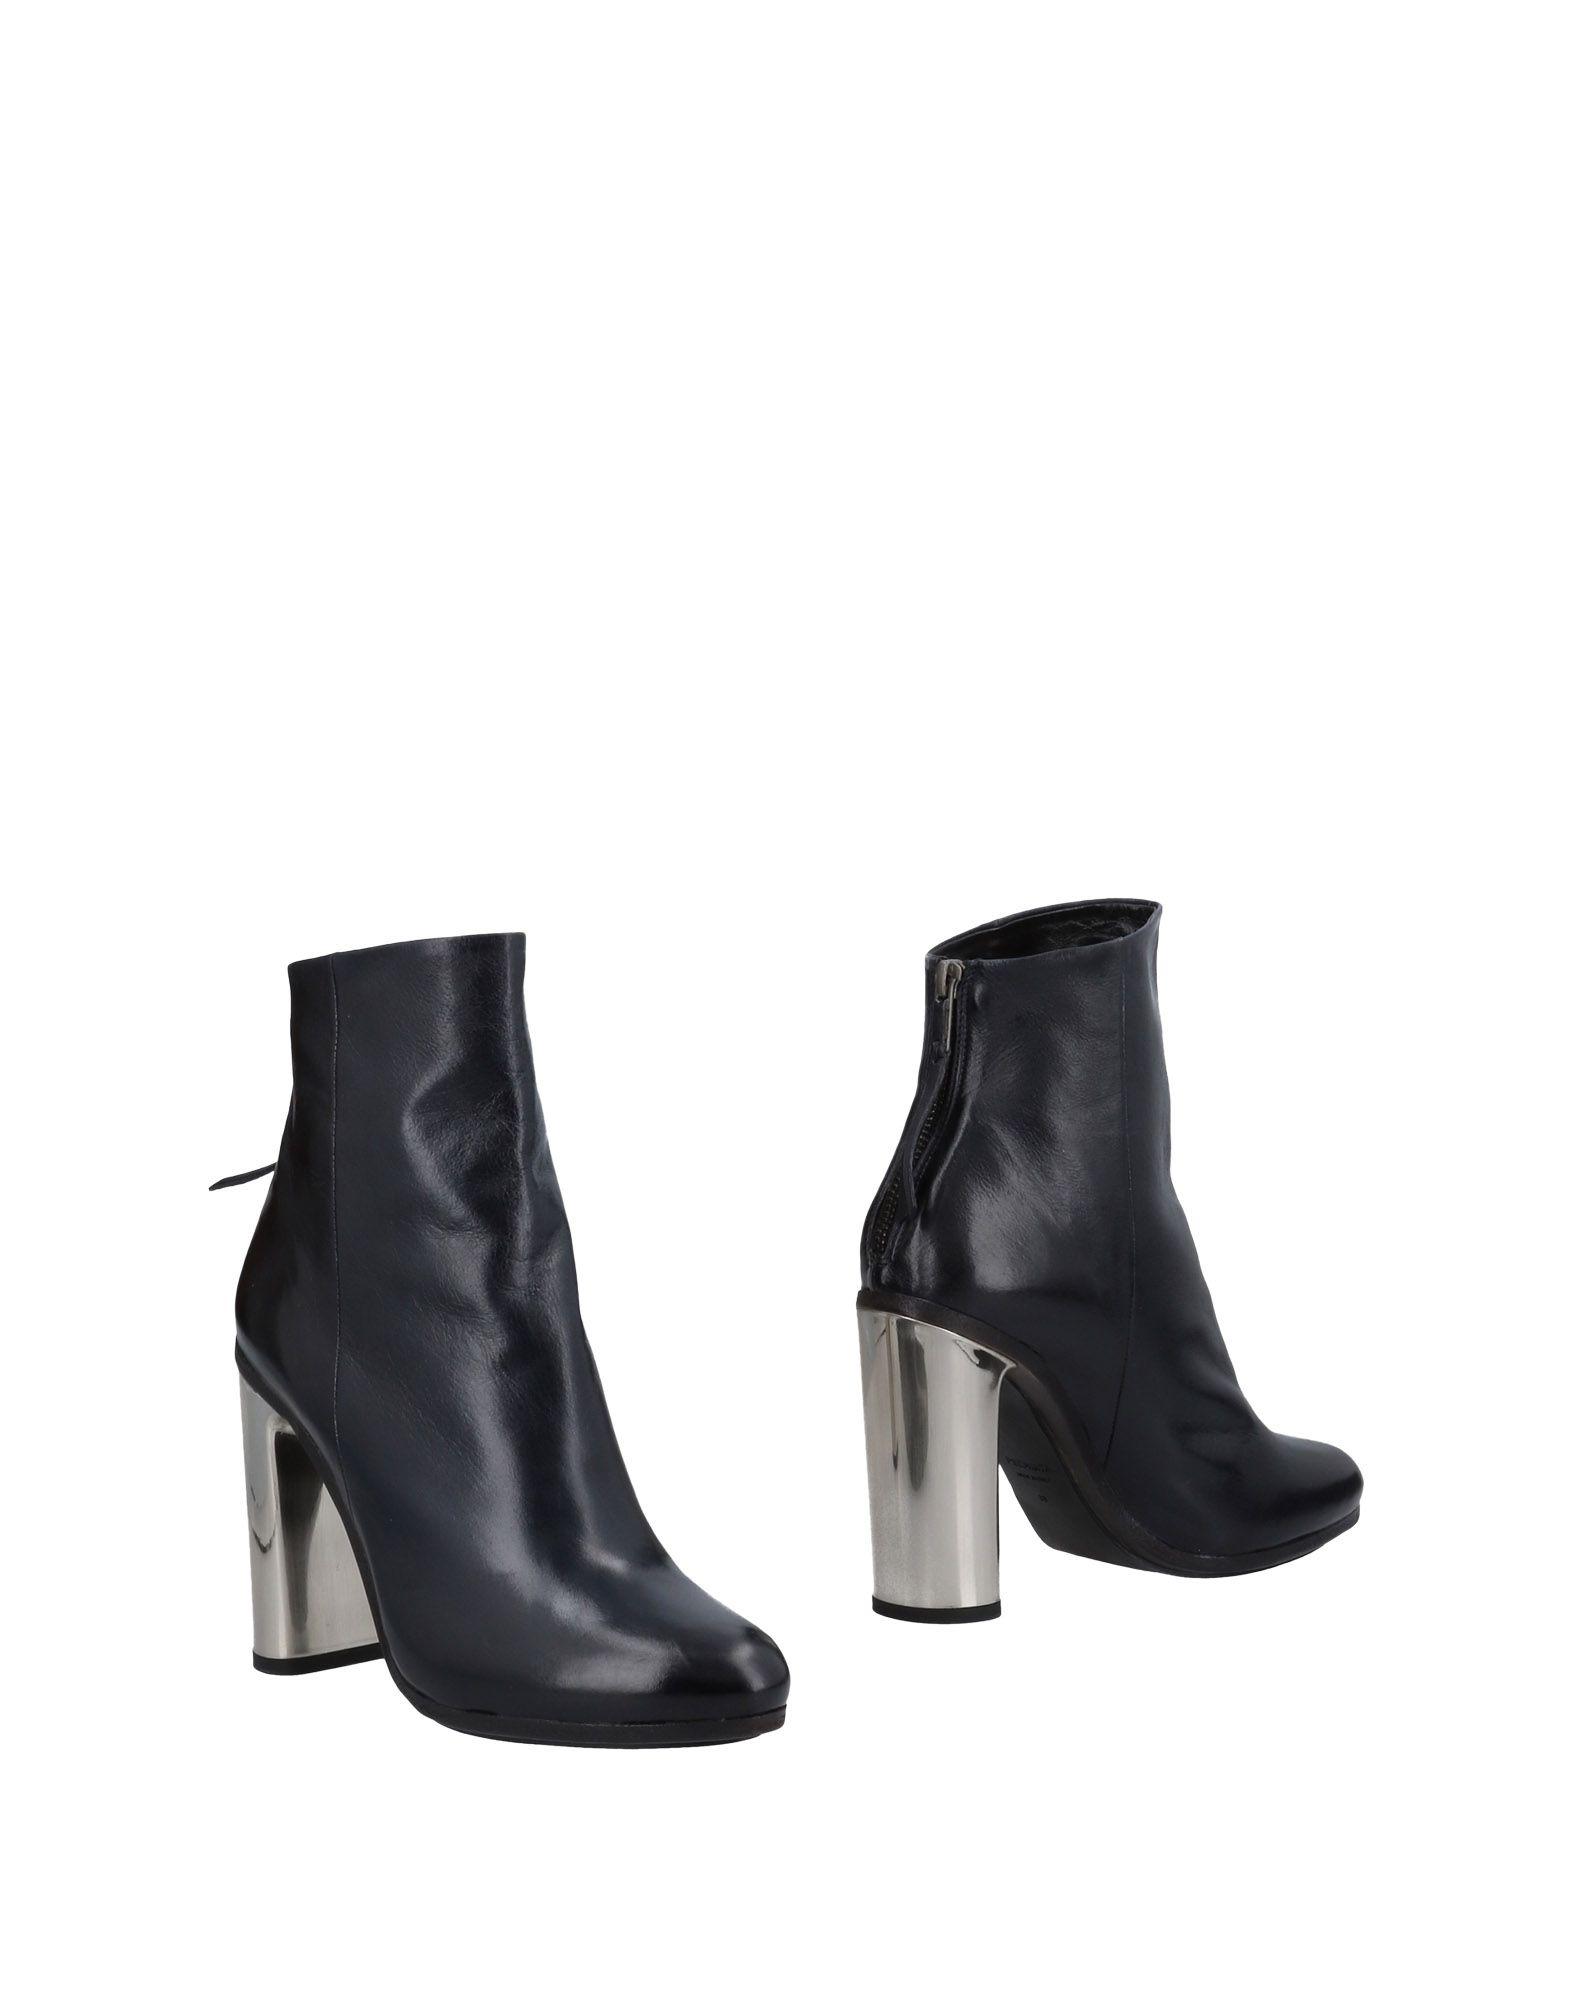 Premiata Stiefelette Damen  11493751QRGut aussehende strapazierfähige Schuhe